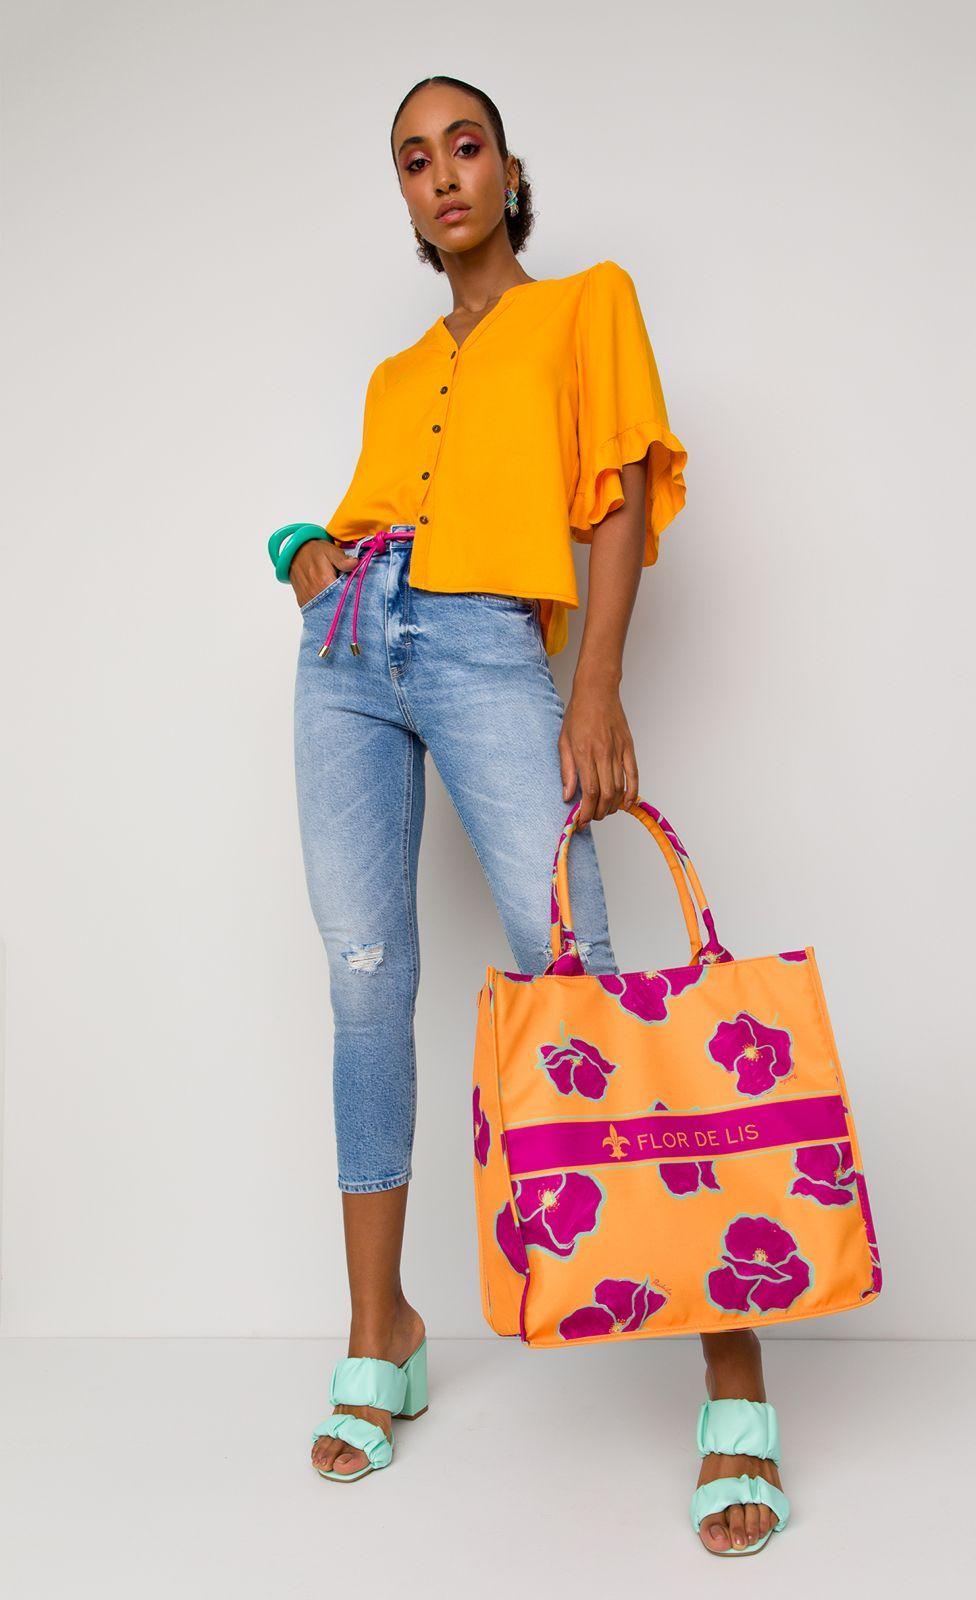 Camisa Flor de Lis solta dobrada